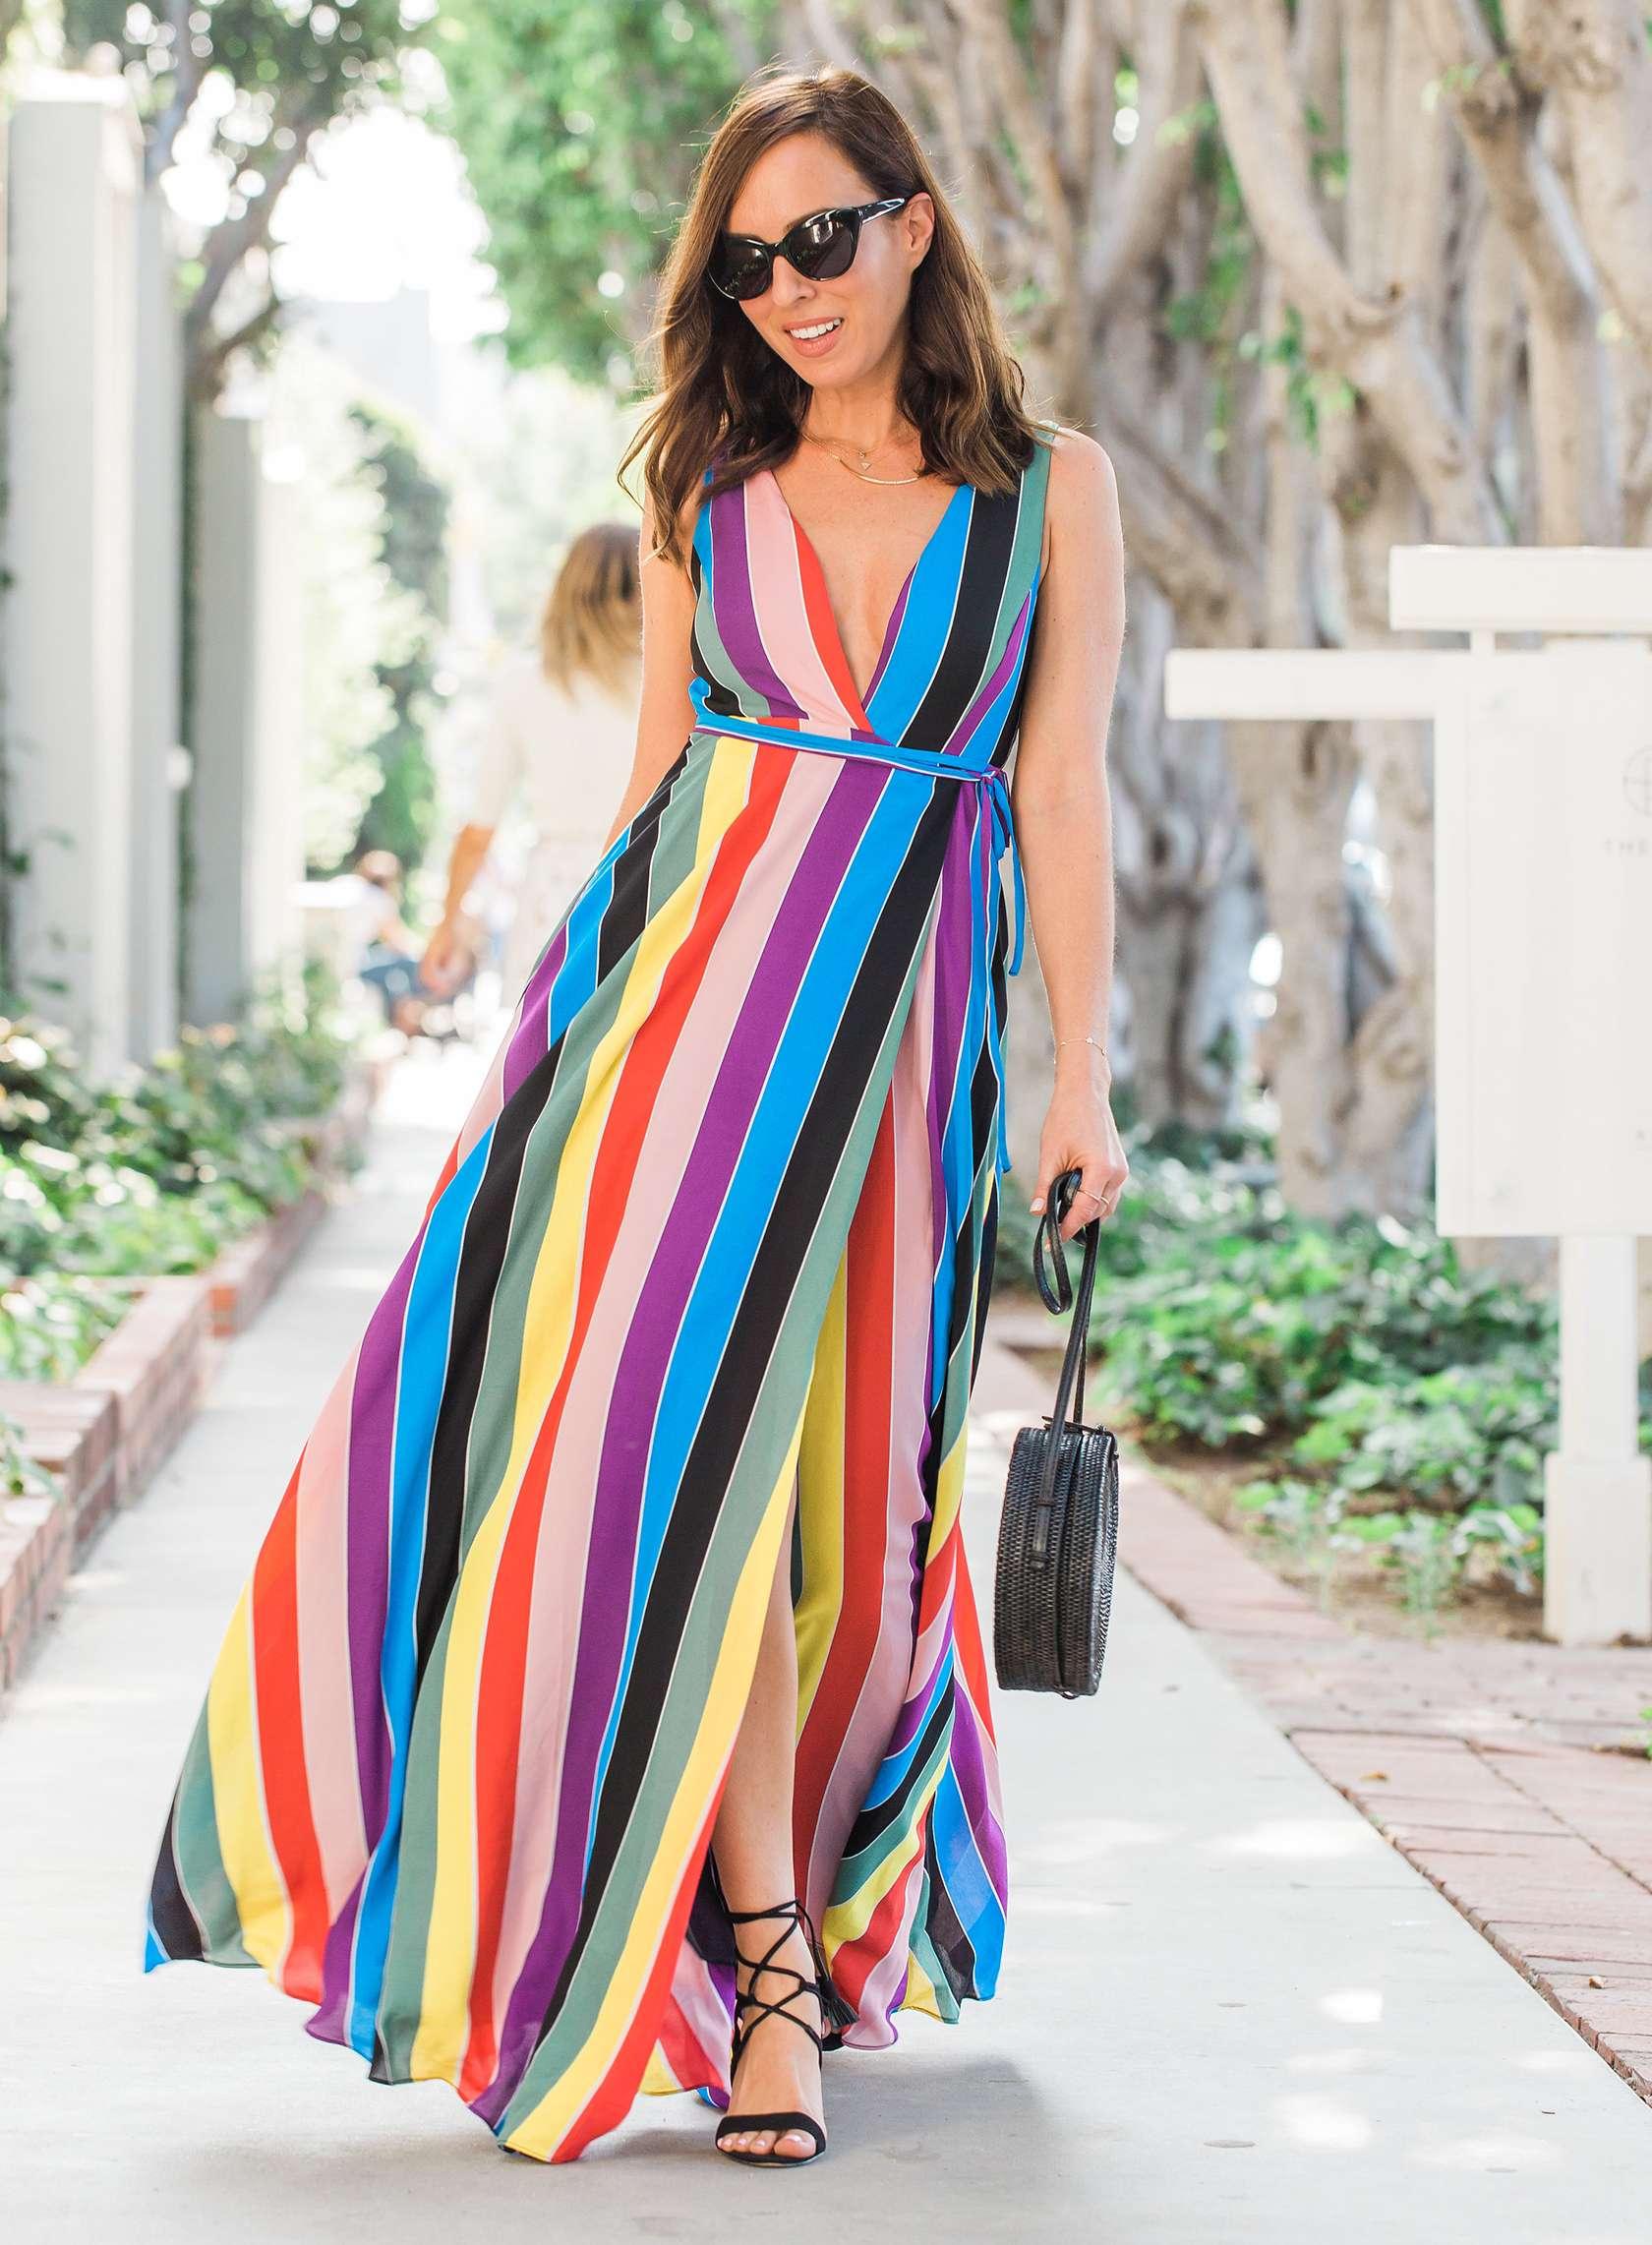 fashionista diện đầm cổ chữ V màu cầu vồng và túi xách hình học